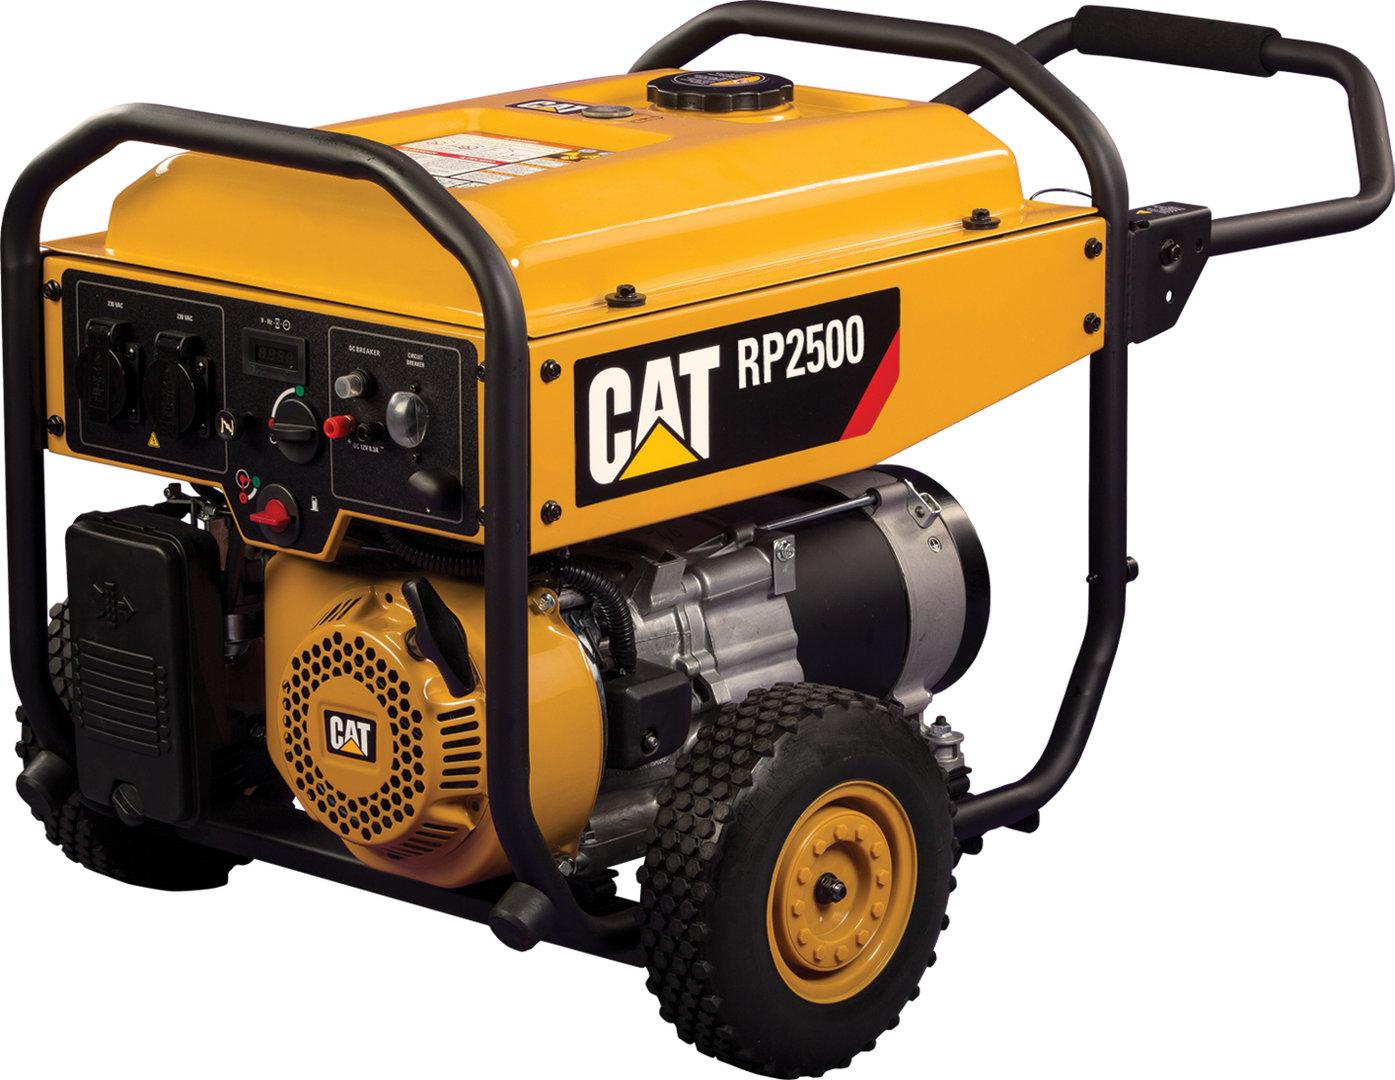 Rp2500 generador caterpillar 2 5 kw con ruedas - Generadores electricos pequenos ...